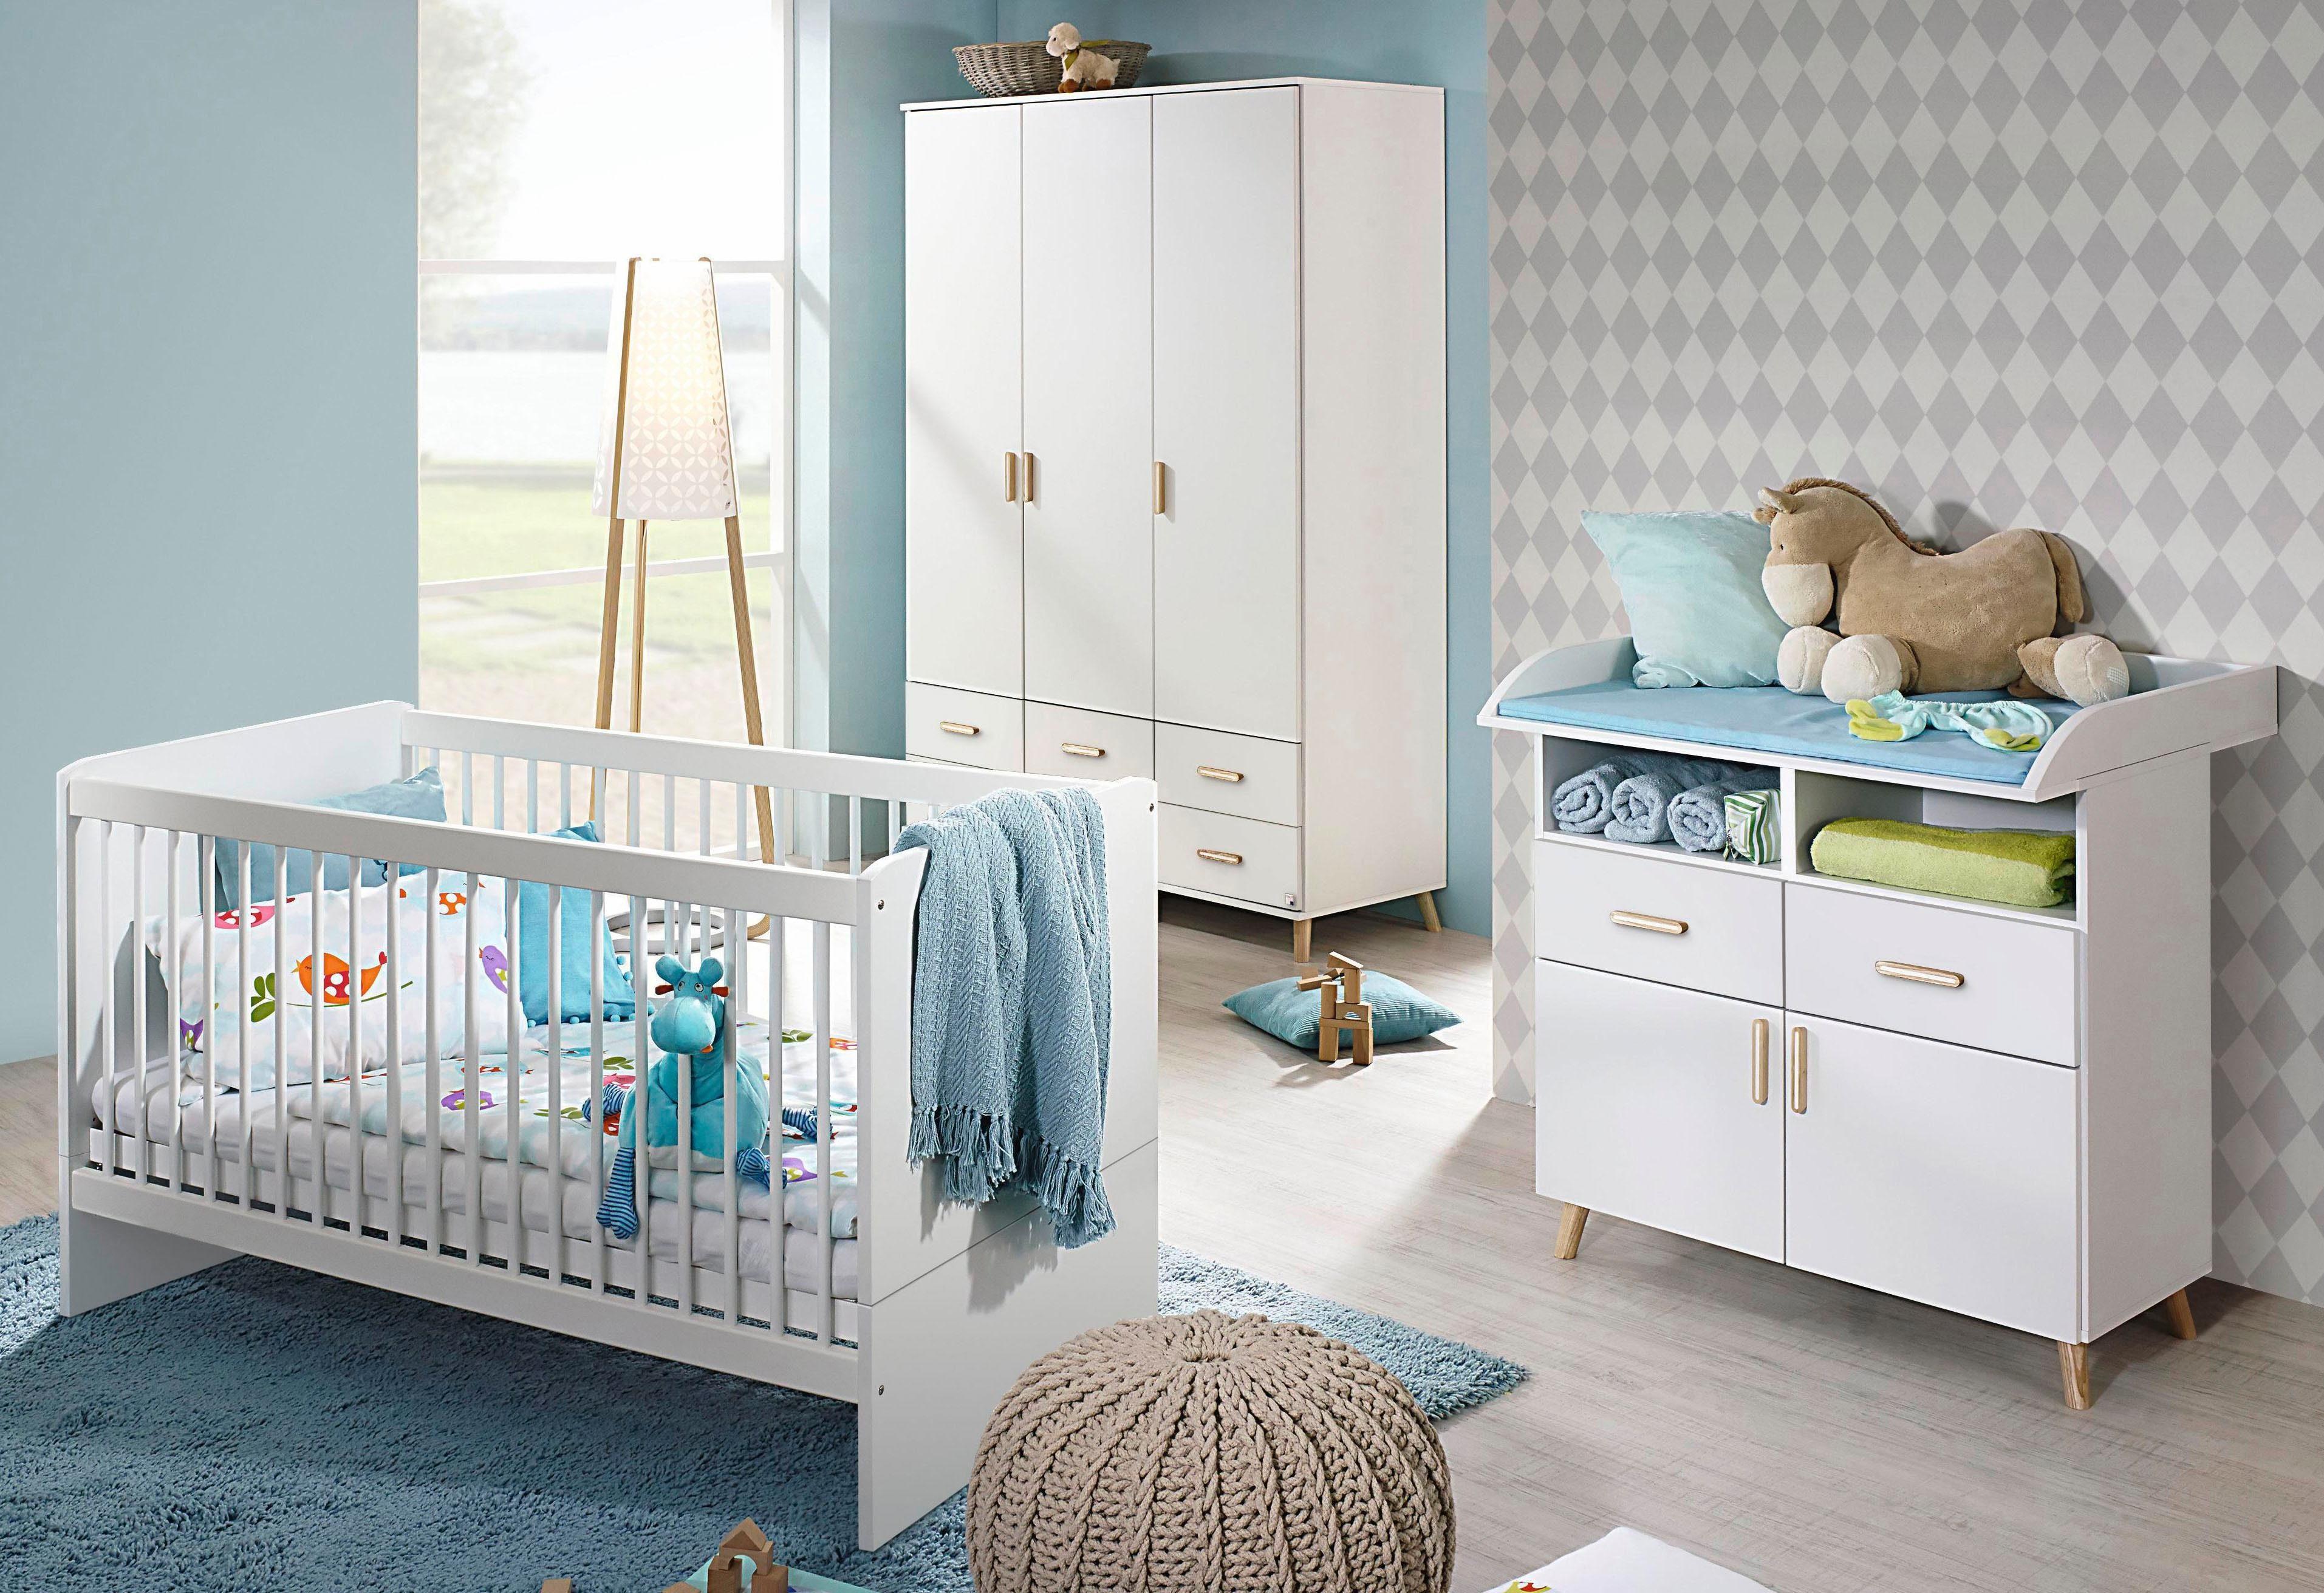 Komplett Babyzimmer »Potsdam« Babybett + Wickelkommode + großer Kleiderschrank, (3-tlg. Set)in alpinweiß